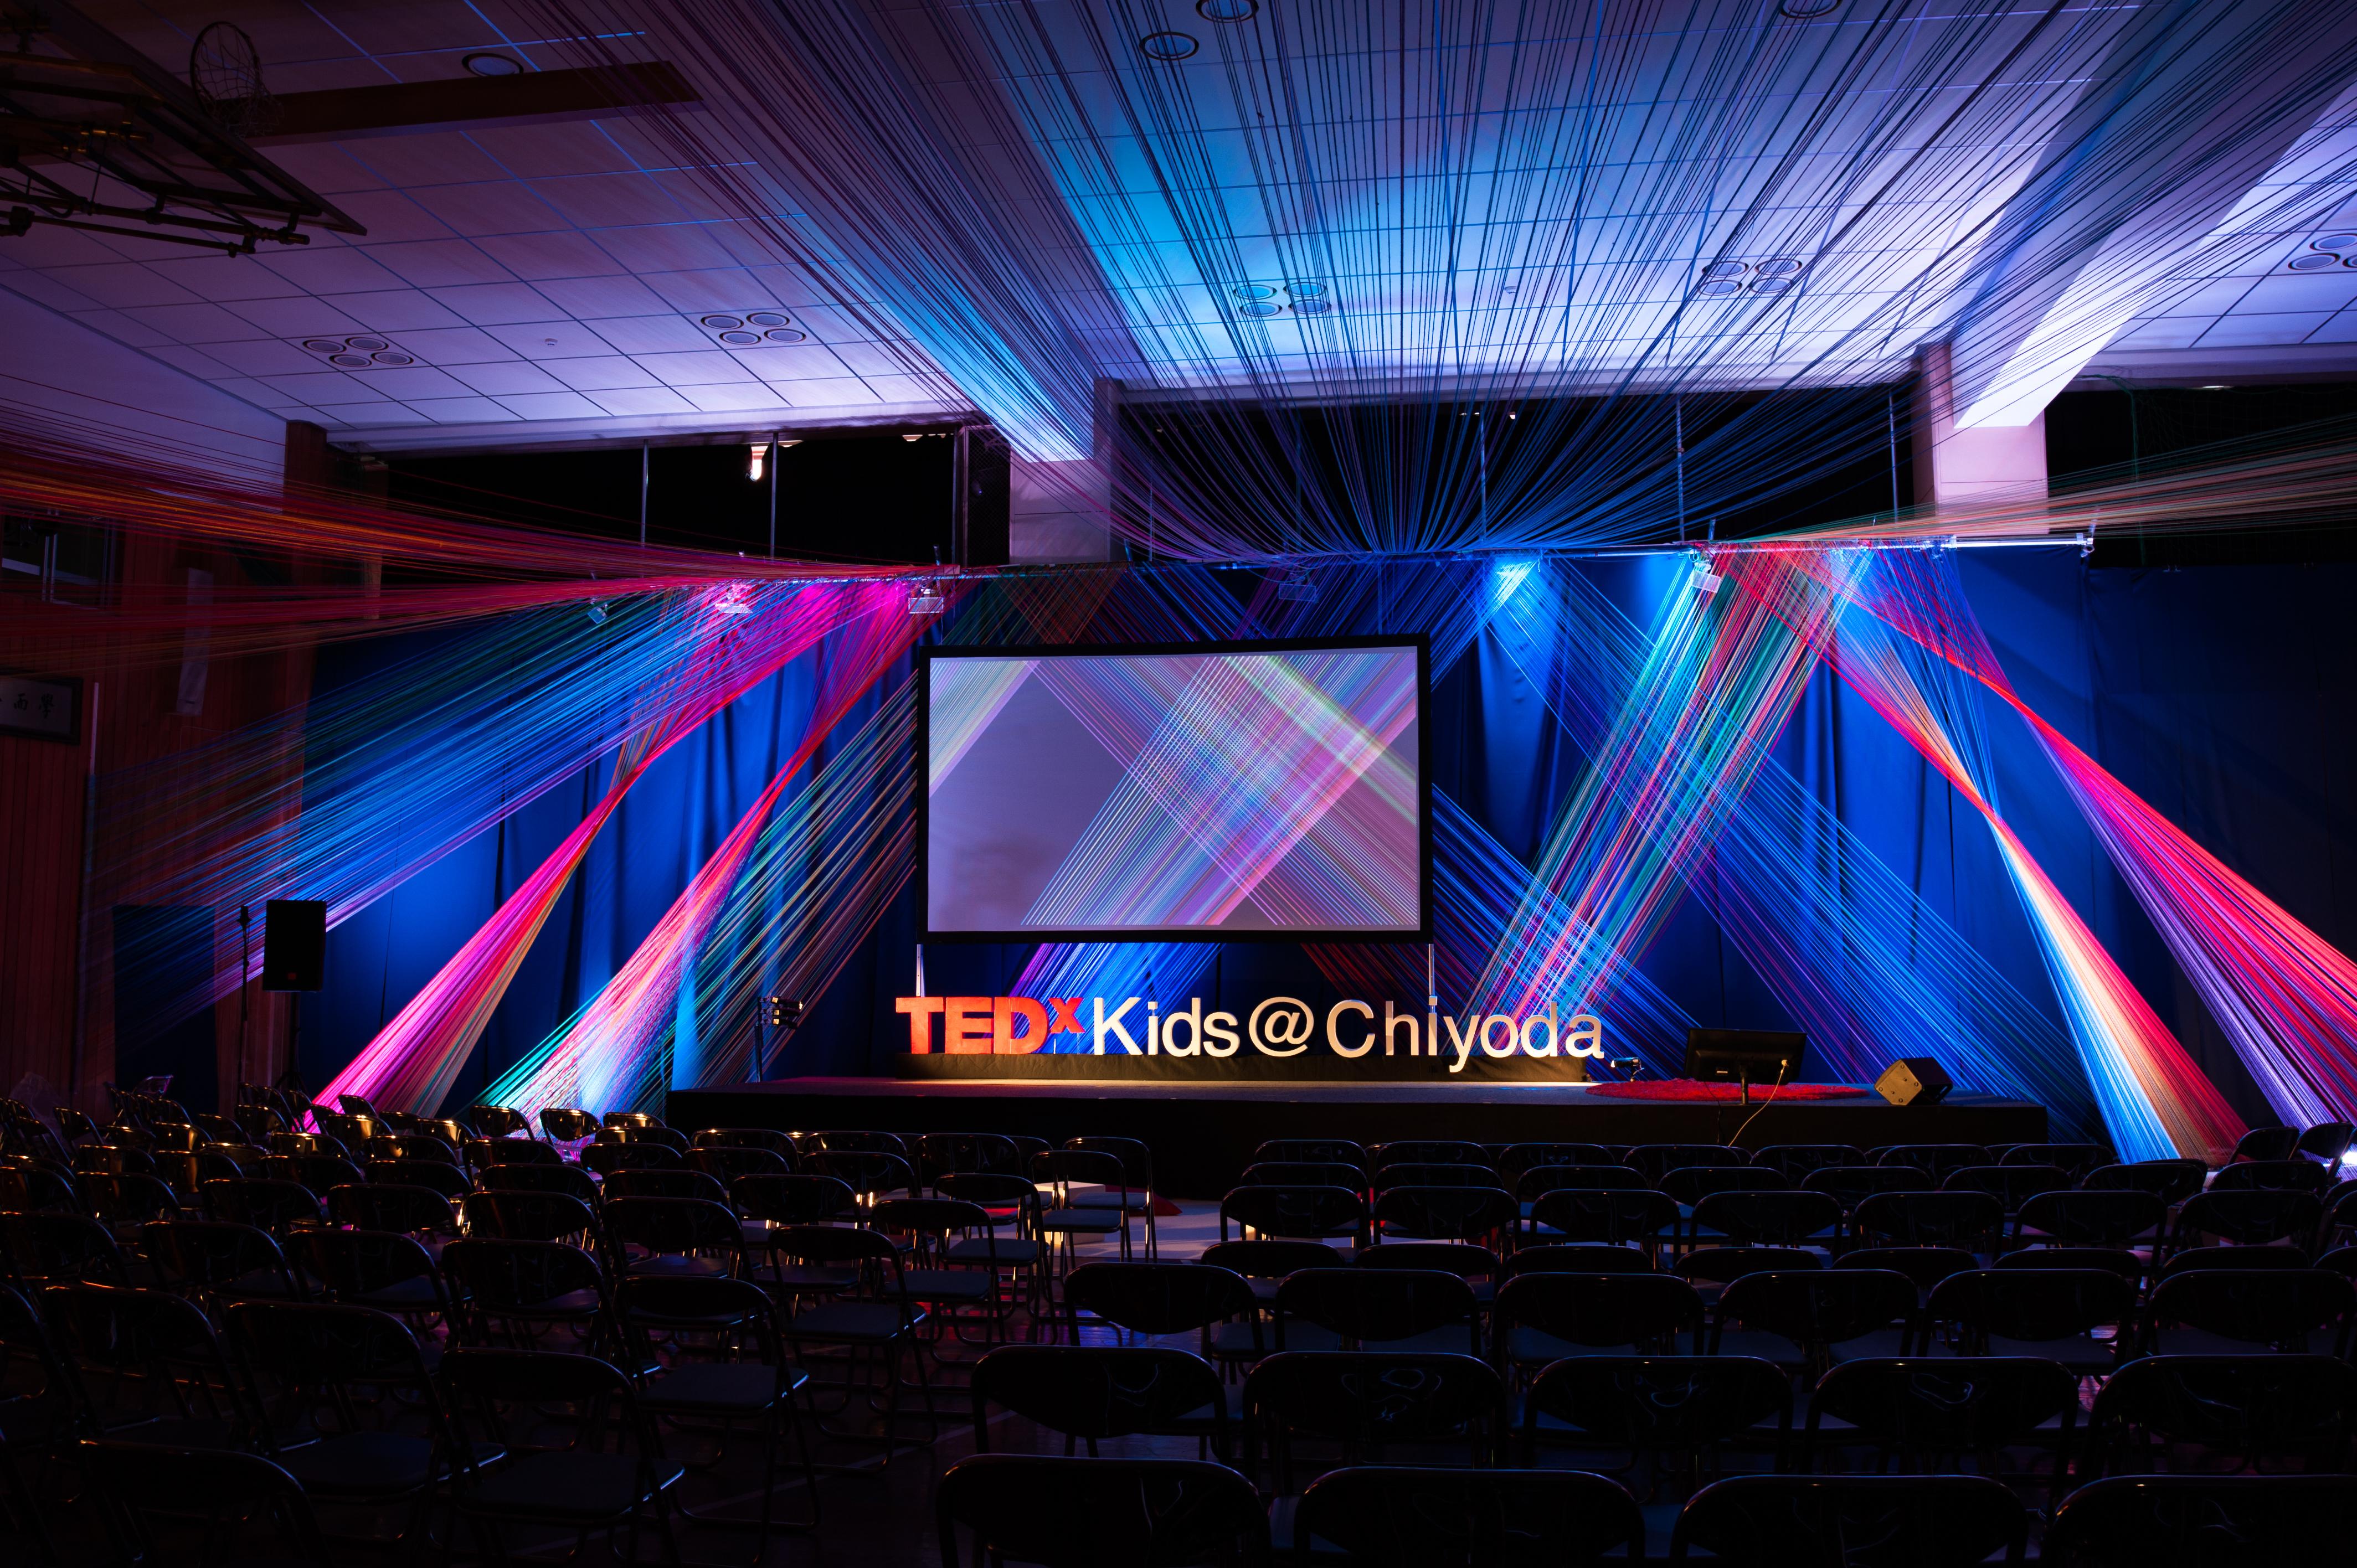 TEDxKids@Chiyoda